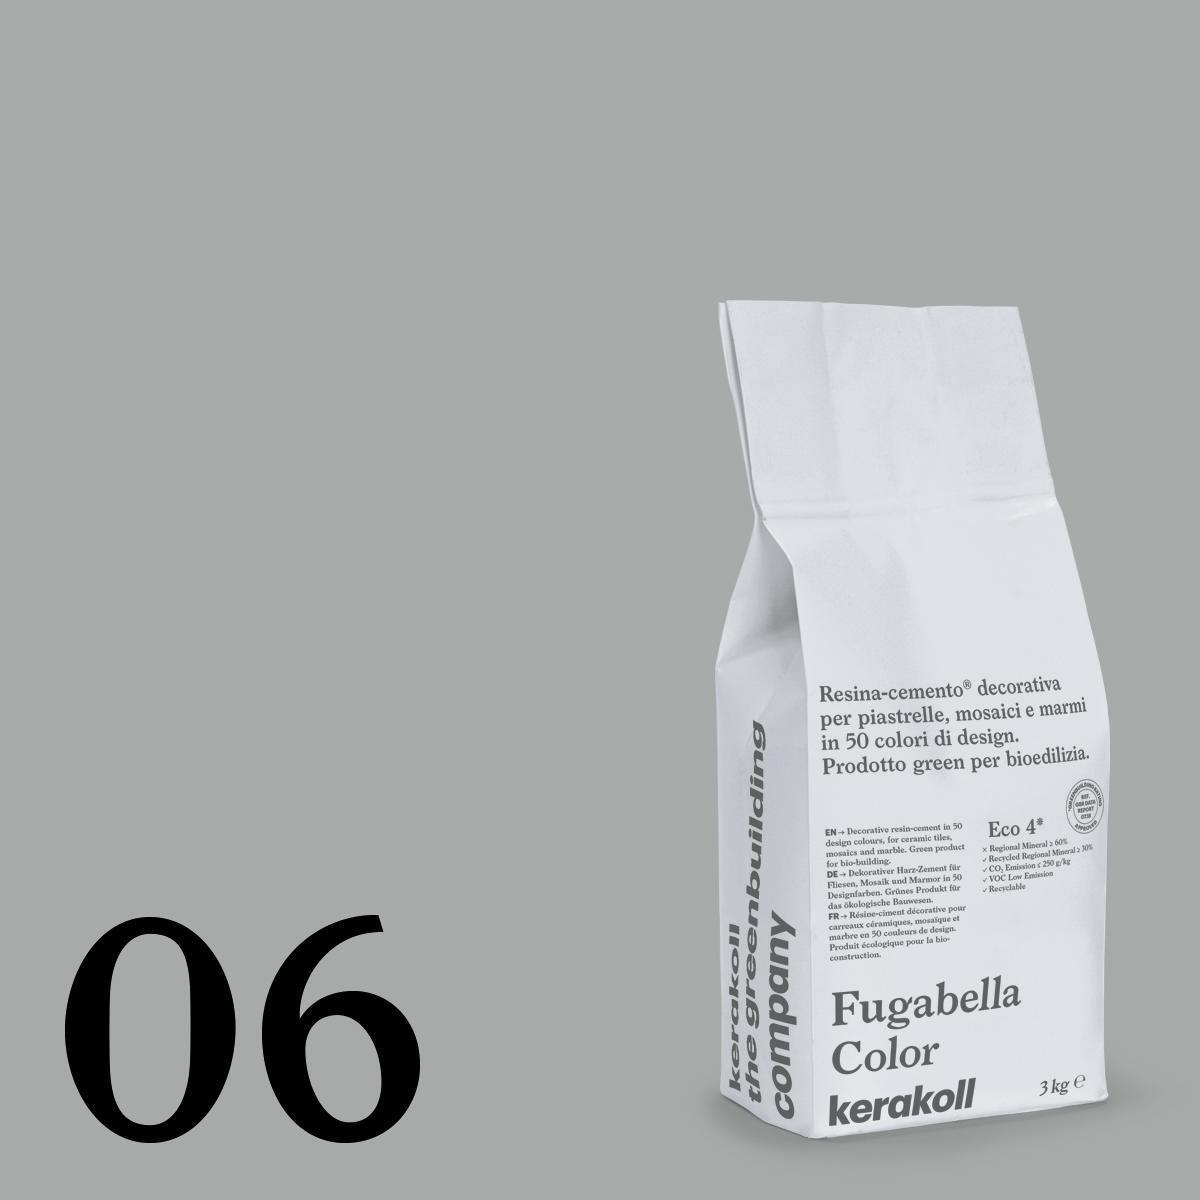 Stucco in polvere FUGABELLA COLOR KERAKOLL 3 kg grigio chiaro - 1